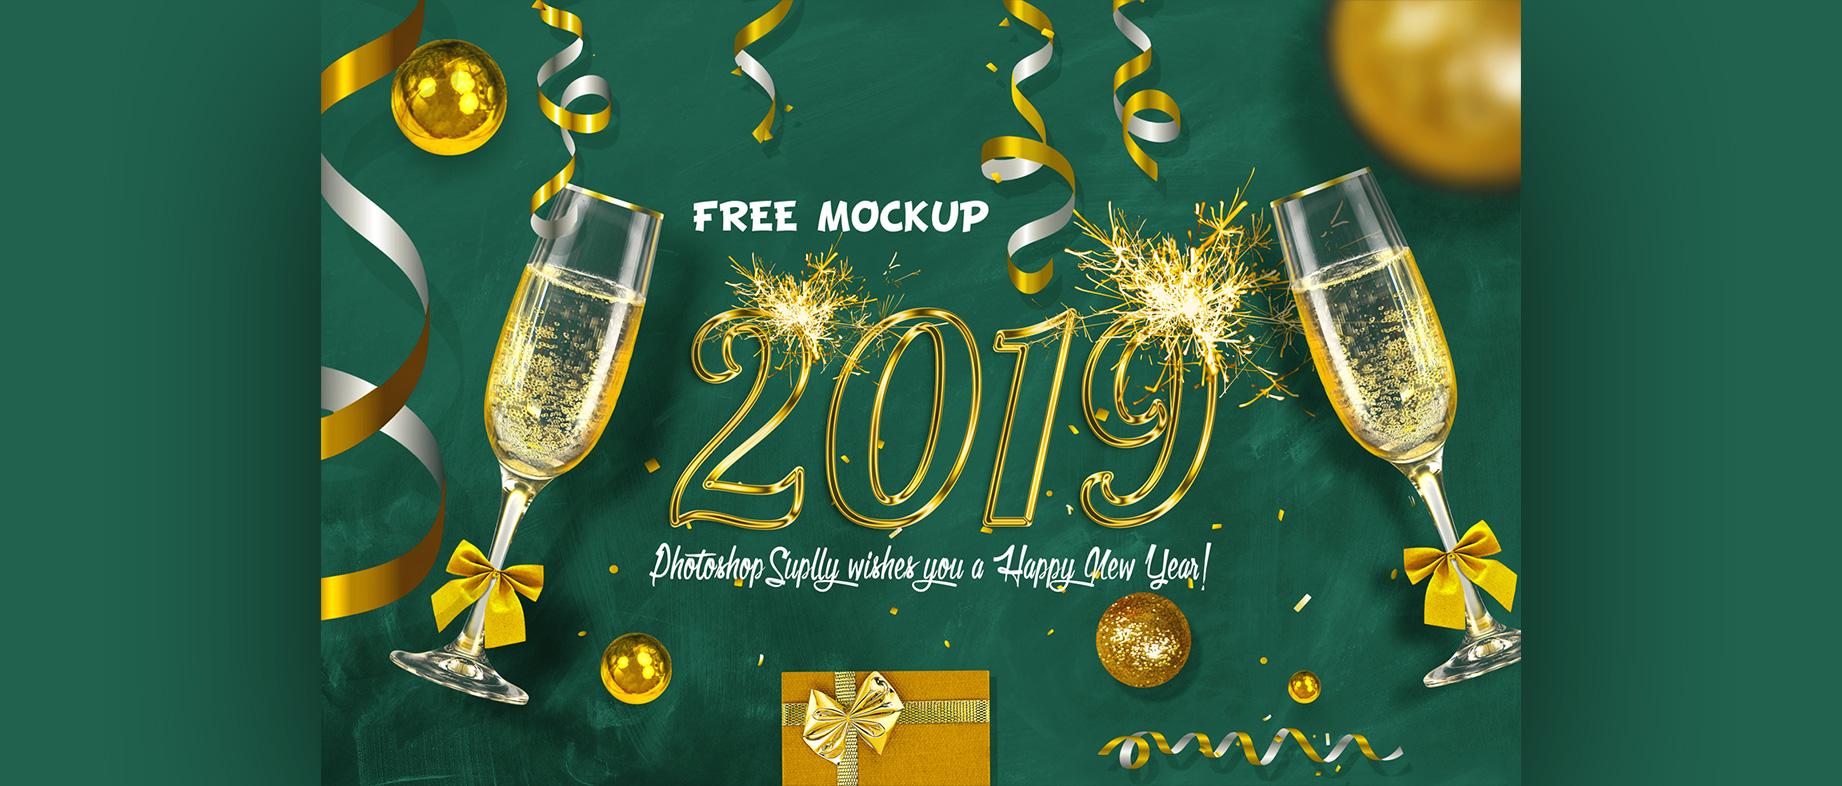 Free New Year Photoshop Mockup